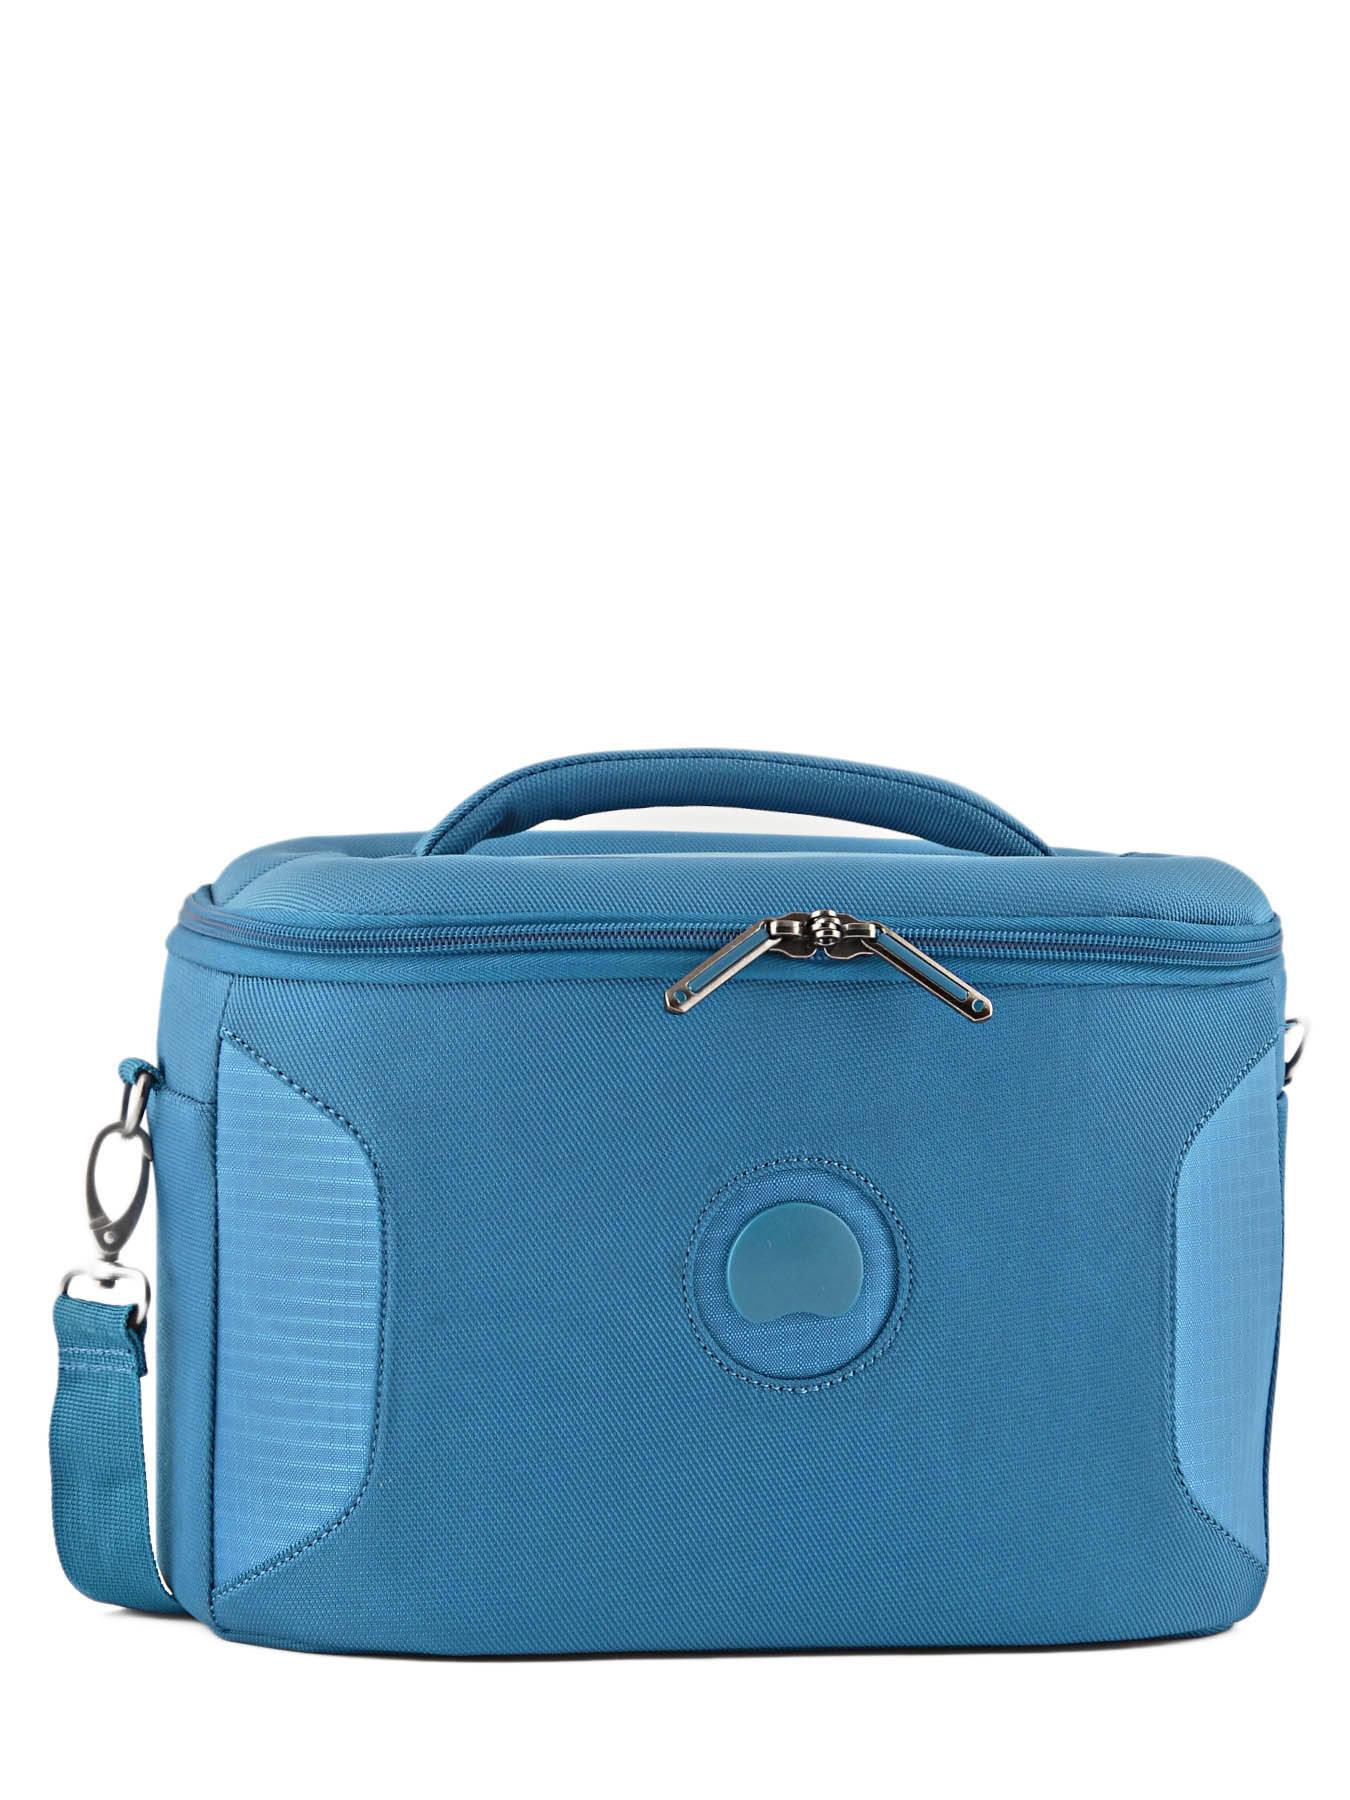 beauty case delsey ulite classic 2 blue en vente au meilleur prix. Black Bedroom Furniture Sets. Home Design Ideas